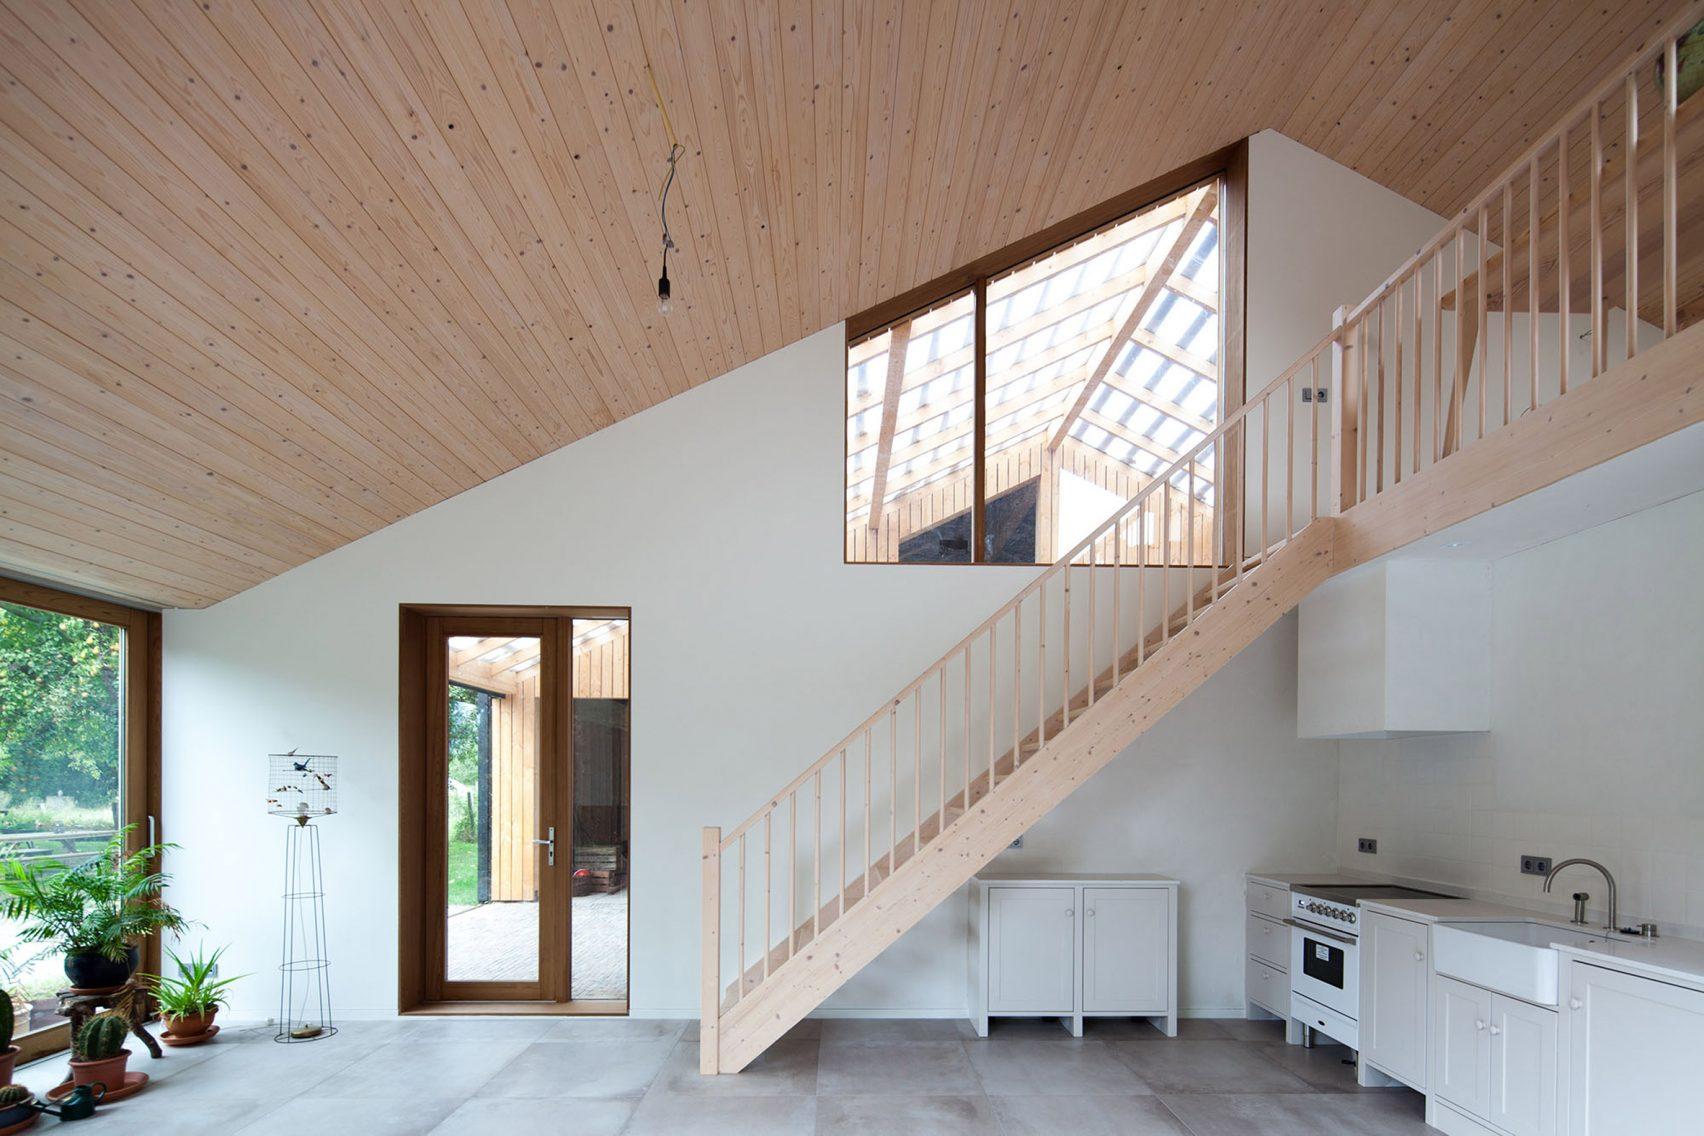 Nhà gỗ cấp 4 hiện đại 3